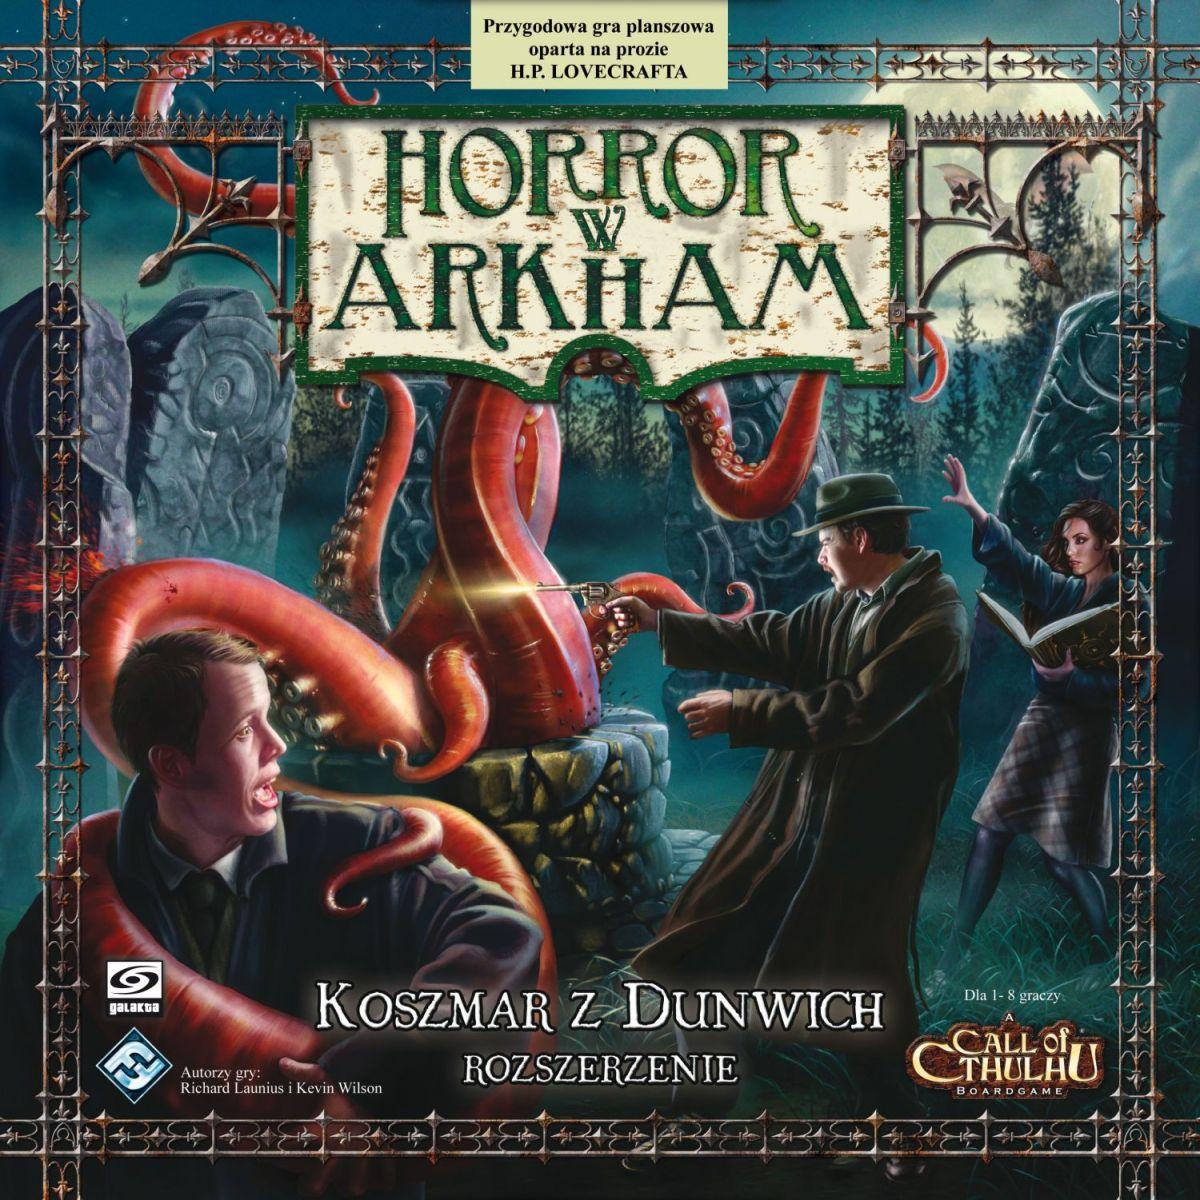 Horror w Arkham: Koszmar z Dunwich - recenzja